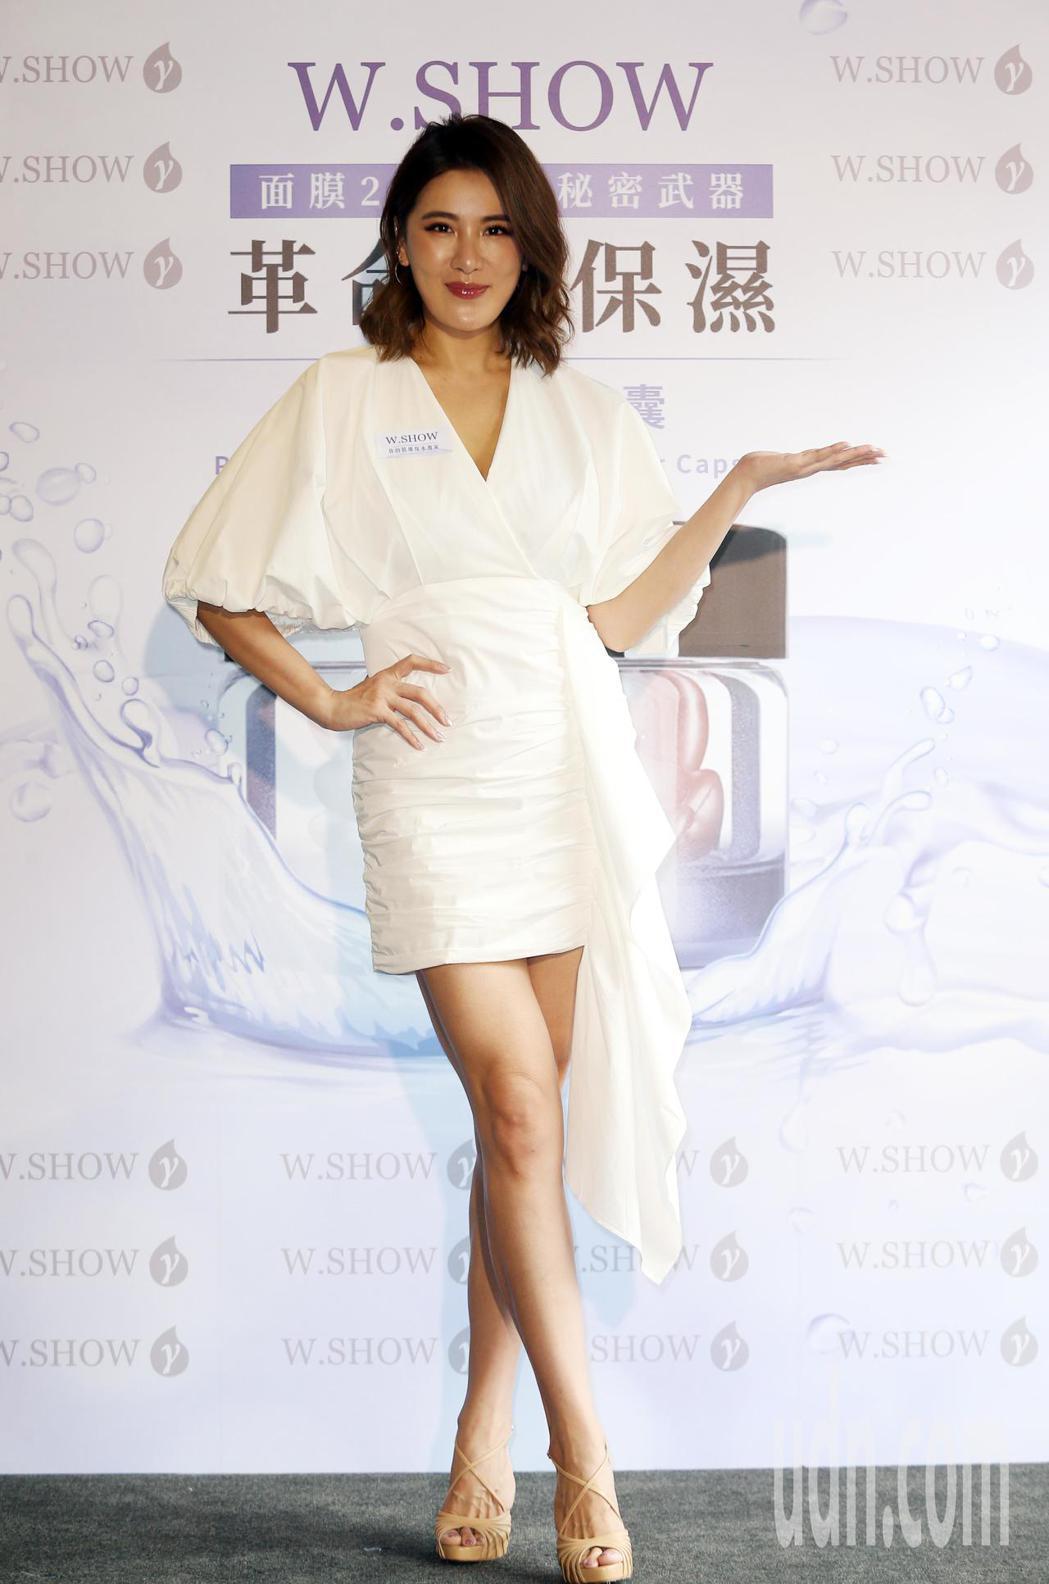 小禎出席保養品「W.SHOW」活動。記者曾吉松/攝影